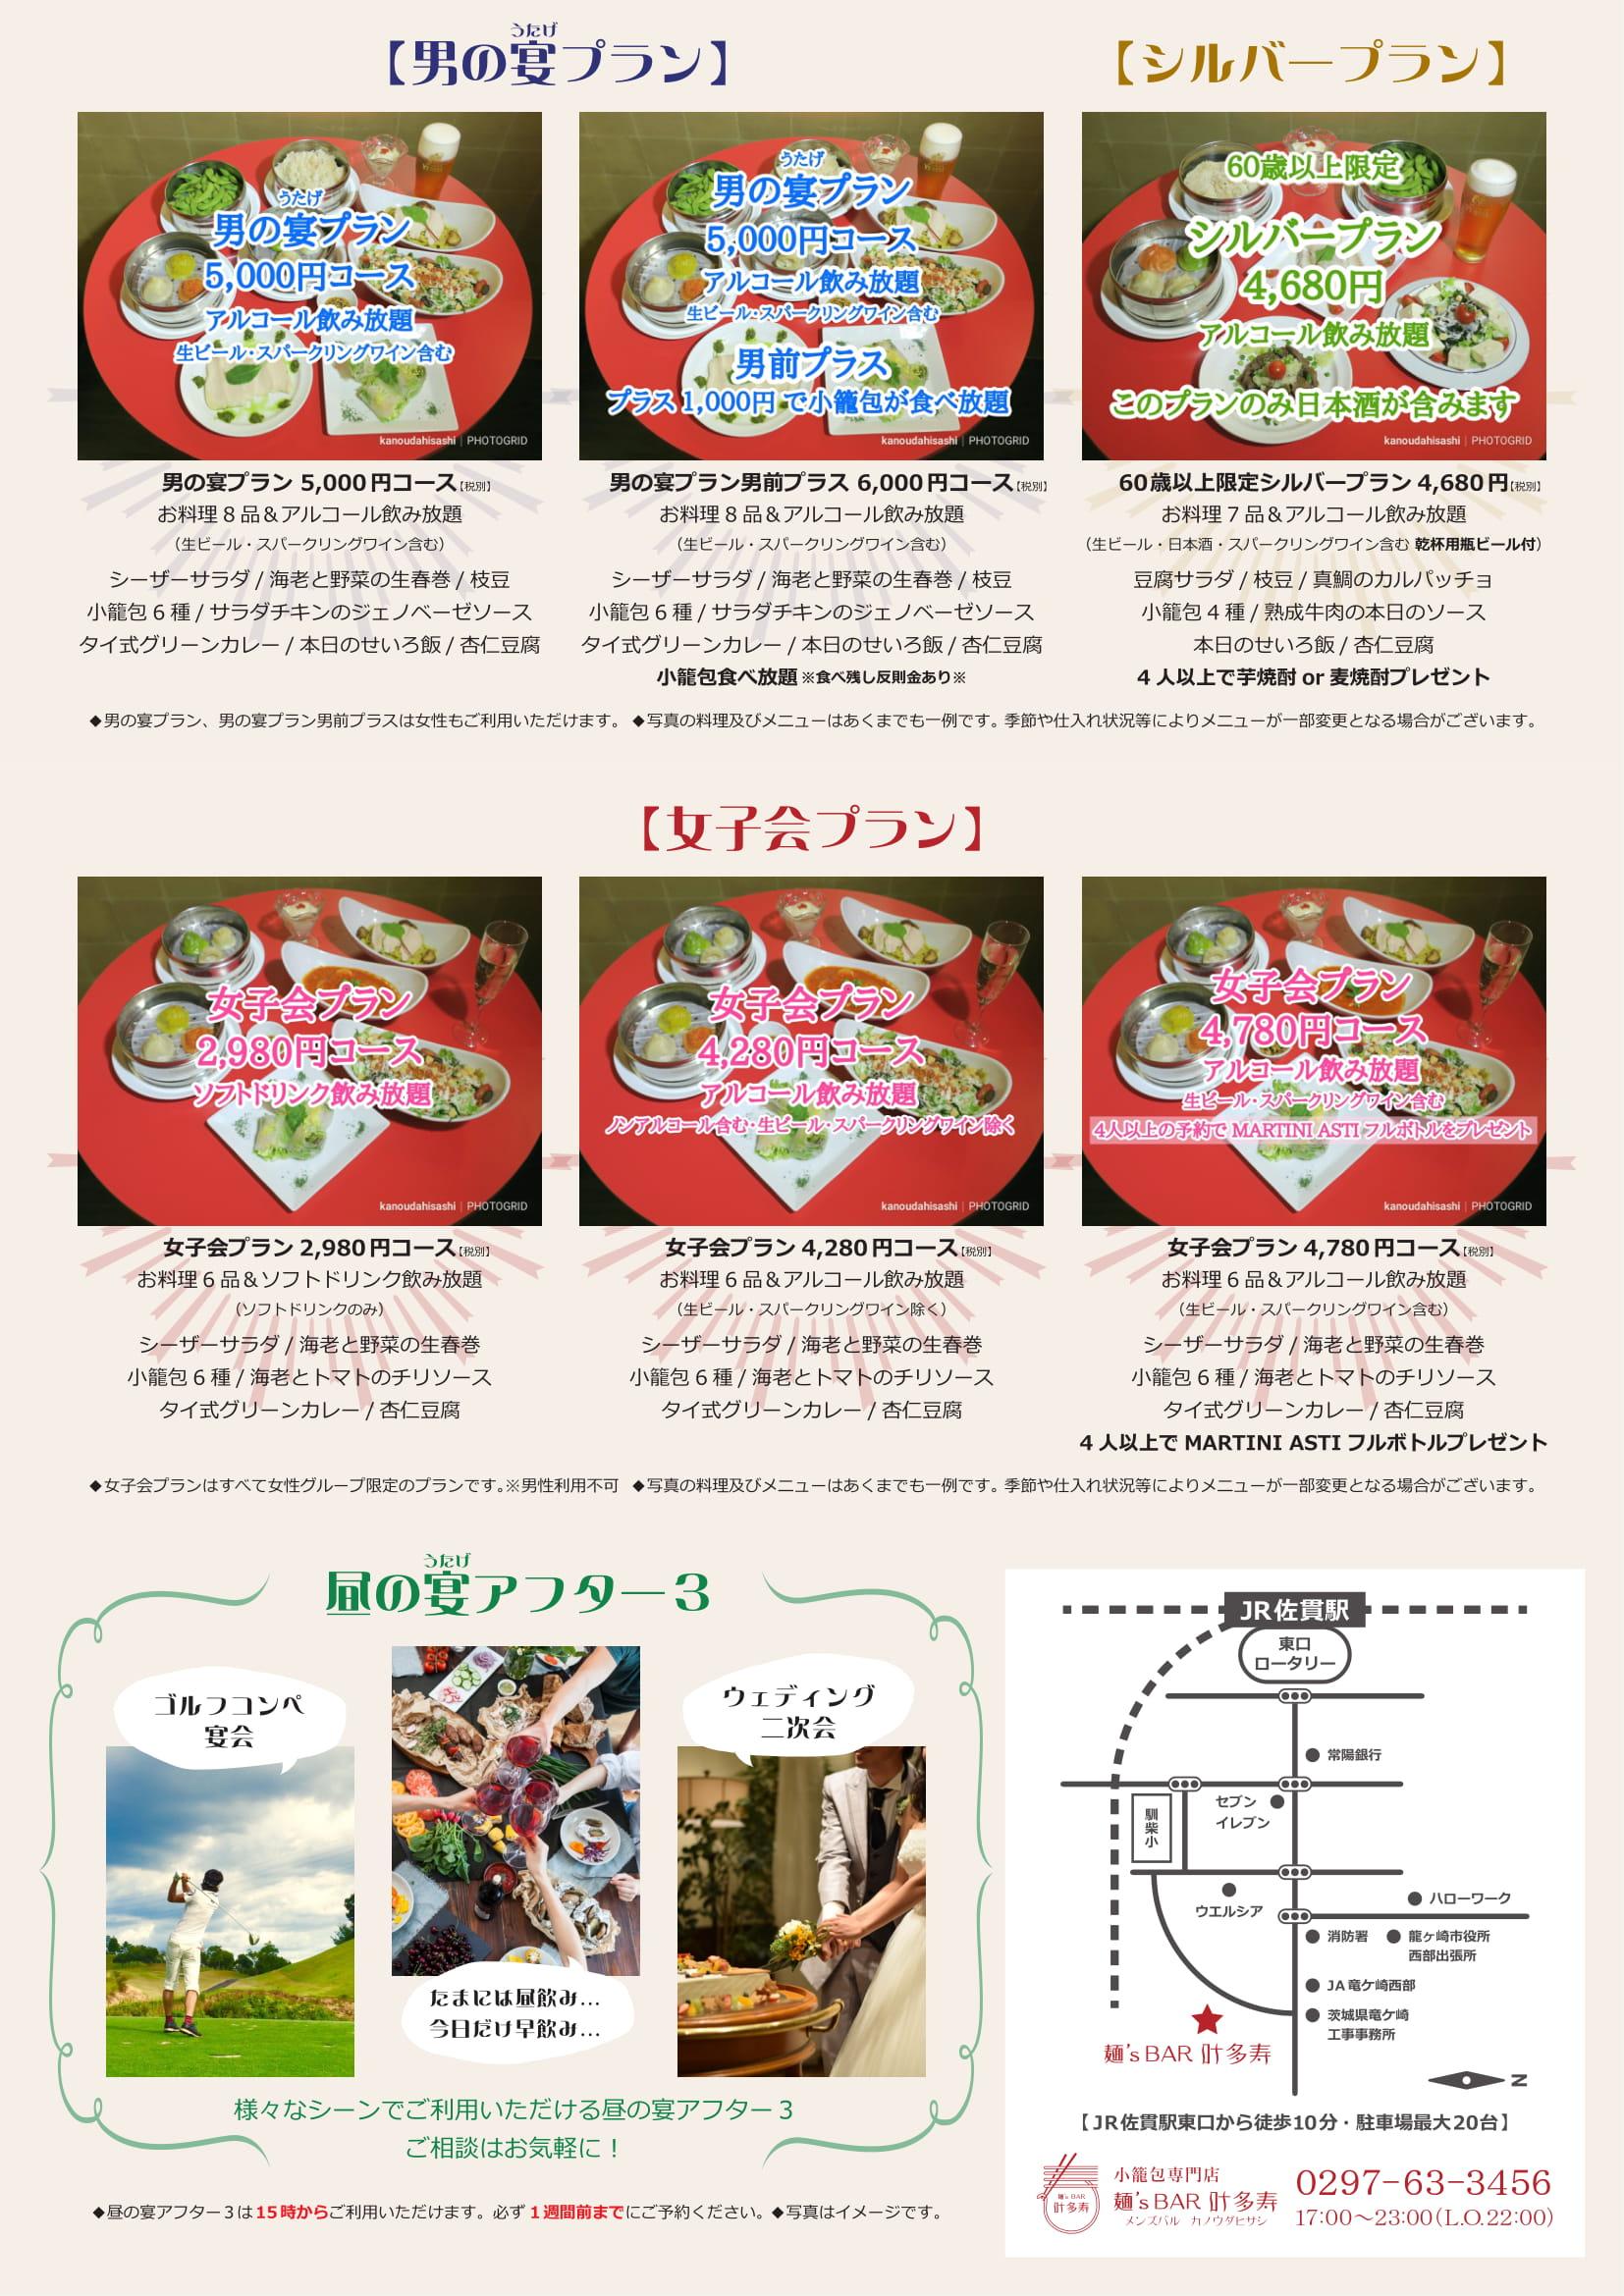 昼の宴アフター3(スリー)★★★page-visual 昼の宴アフター3(スリー)★★★ビジュアル